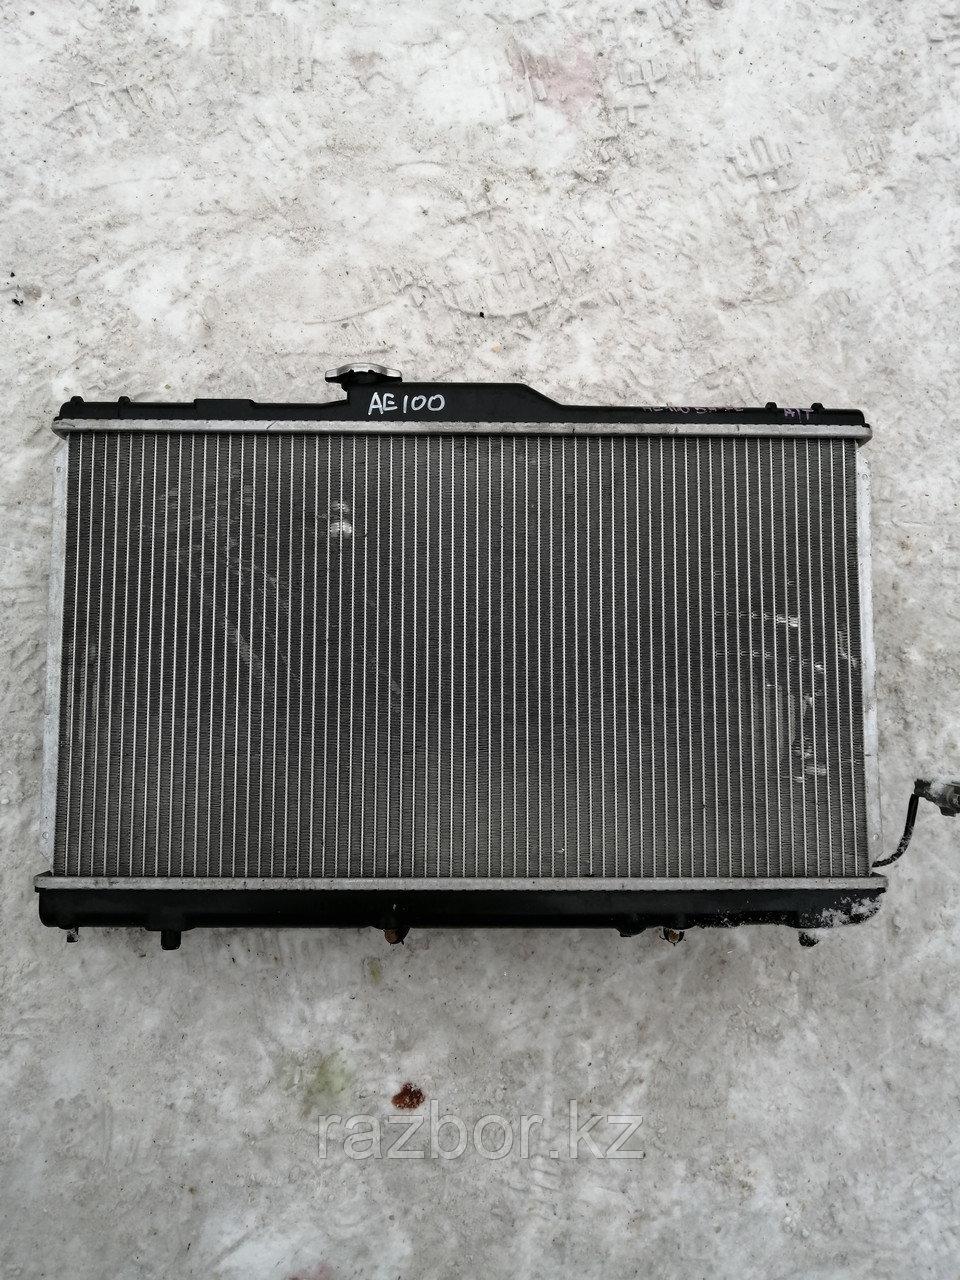 Радиатор основной Toyota Corolla 1995 г.